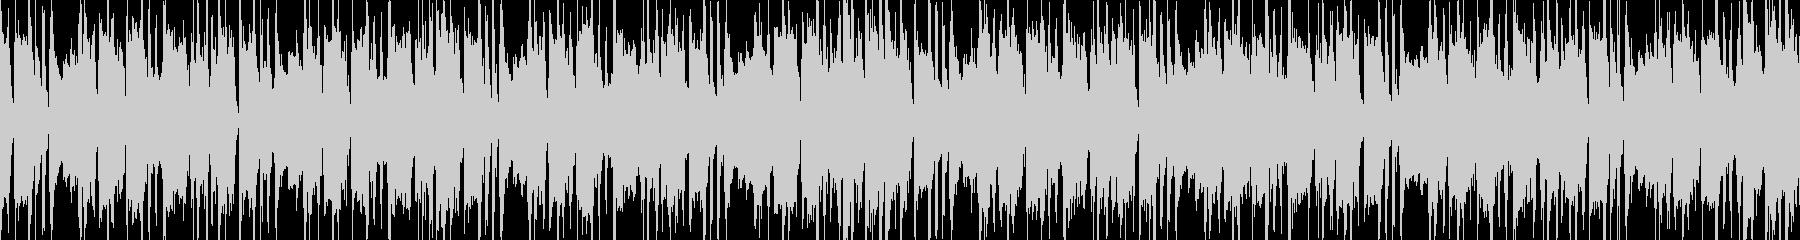 待機画面のBGMの未再生の波形